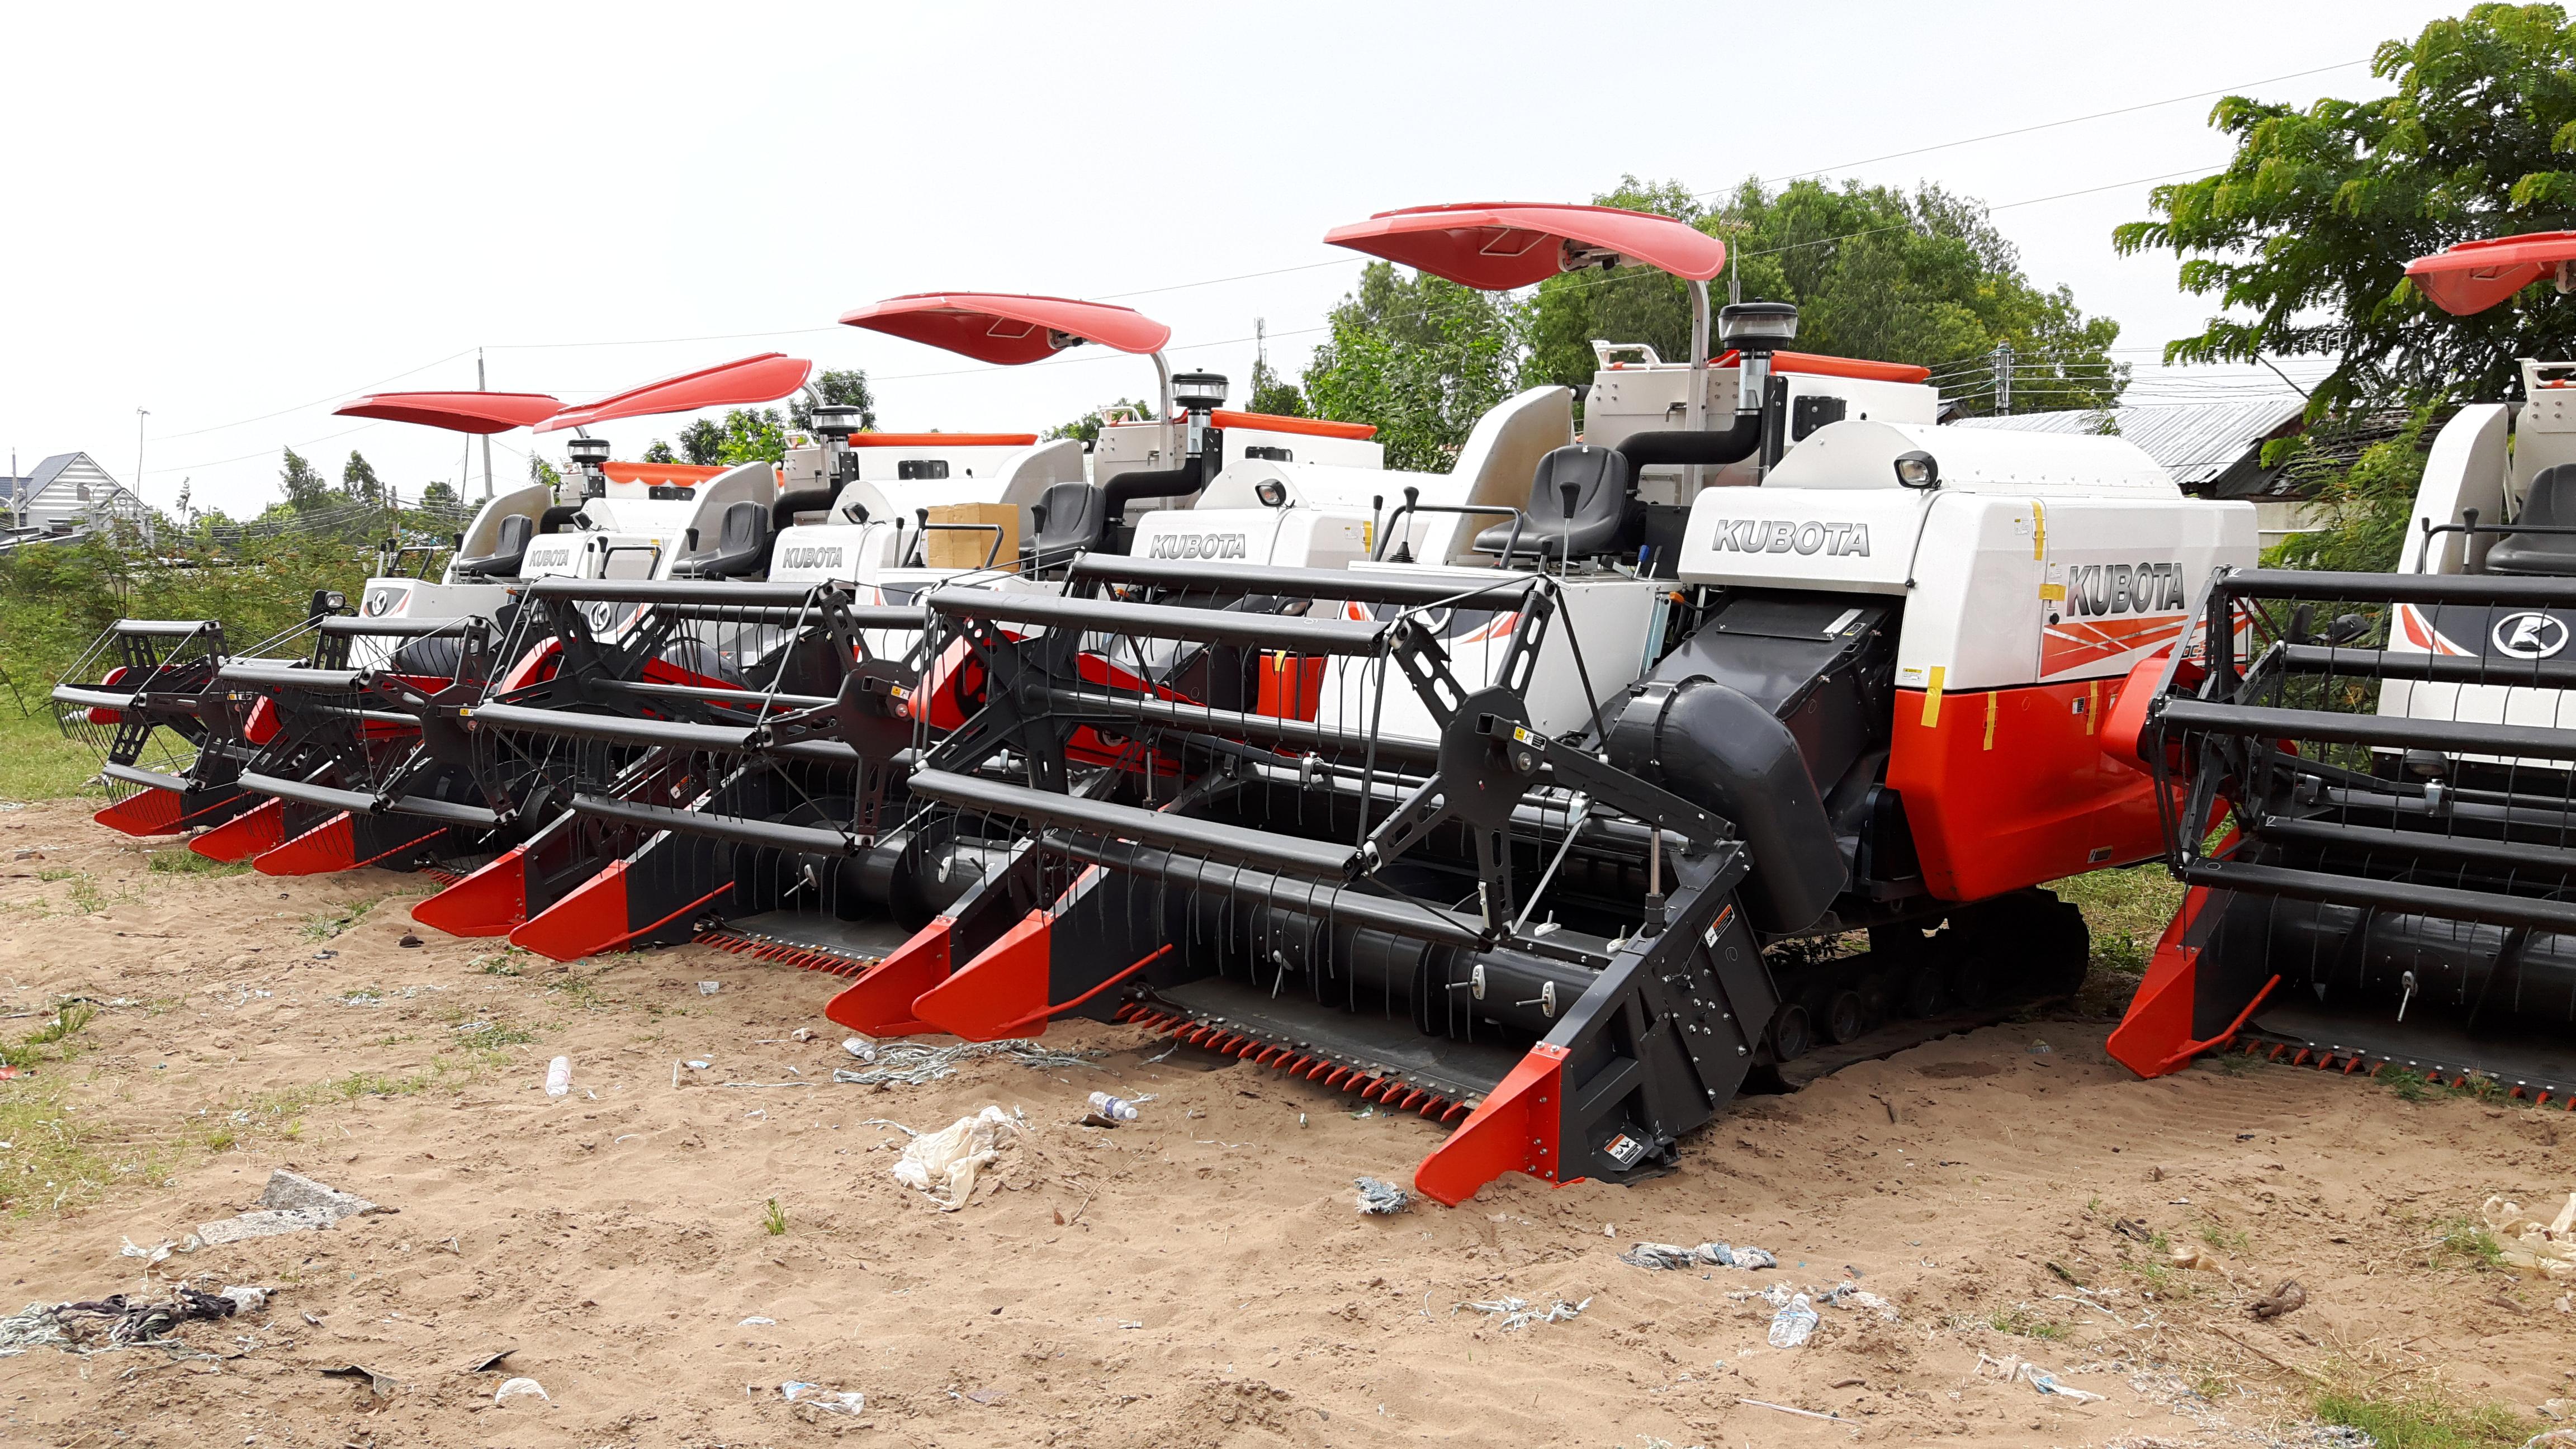 4 Lý do bạn không nên mua máy nông nghiệp đã qua sử dụng